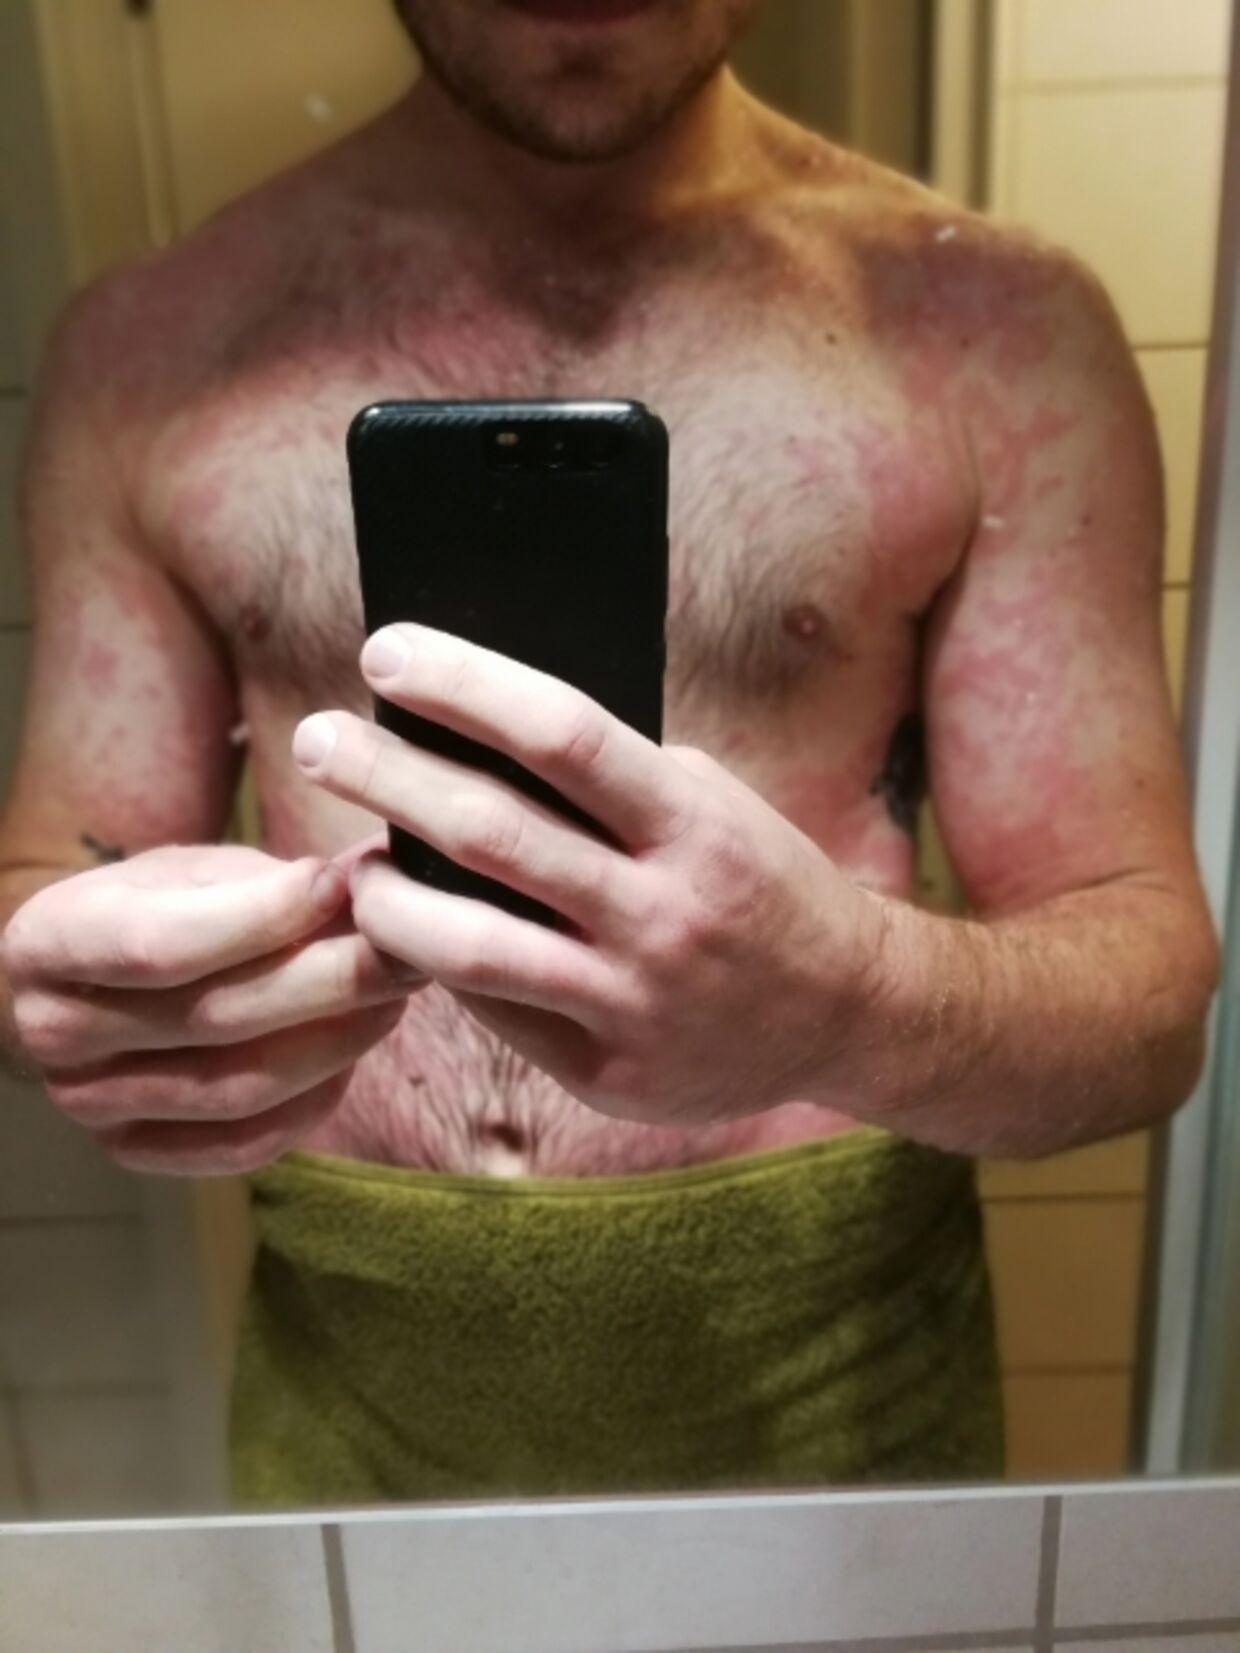 Her havde Kasper Jensen udslæt på omkring 90 procent af kroppen efter en allergisk reaktion på kød. Privatfoto.